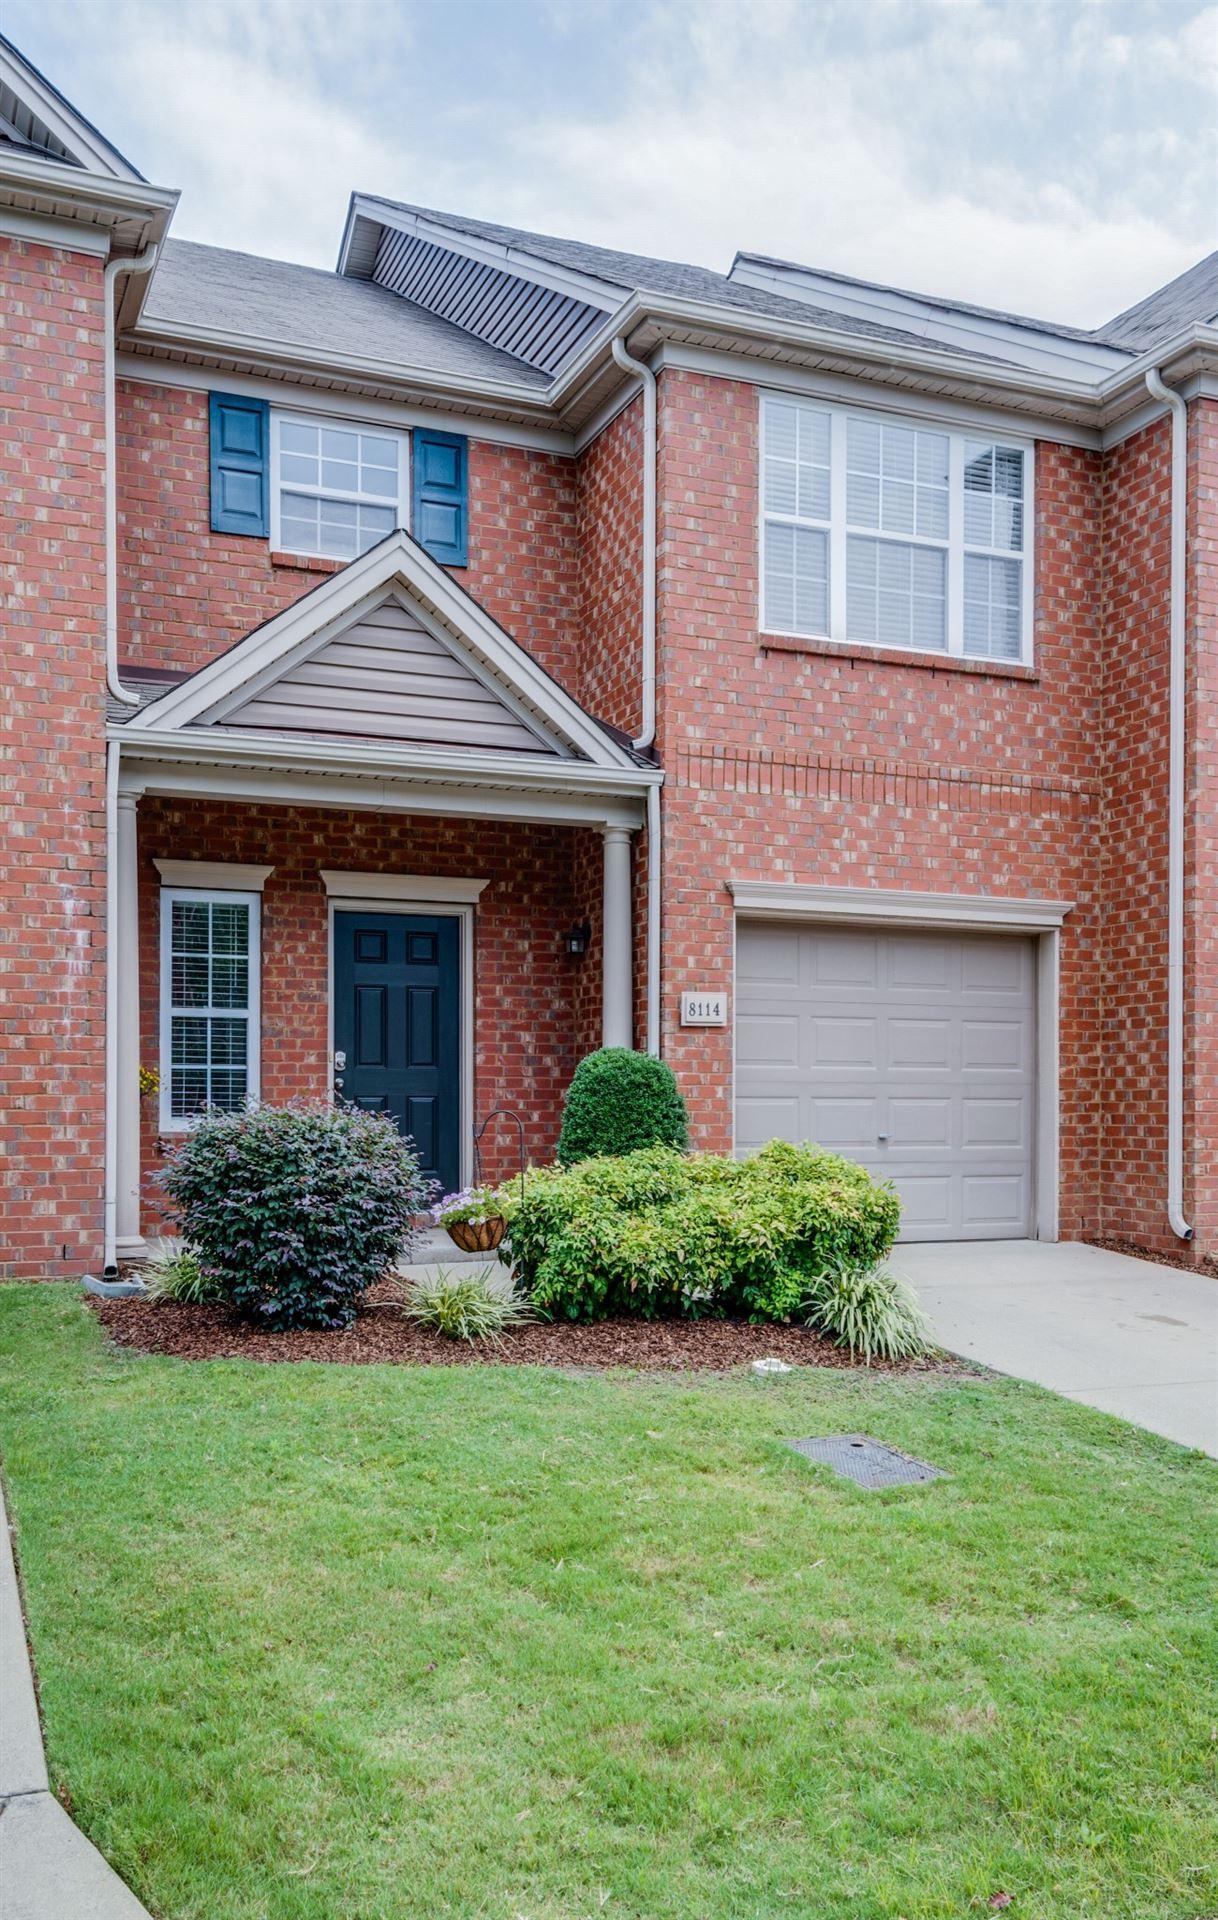 8114 Valley Oak Dr, Brentwood, TN 37027 - MLS#: 2179542